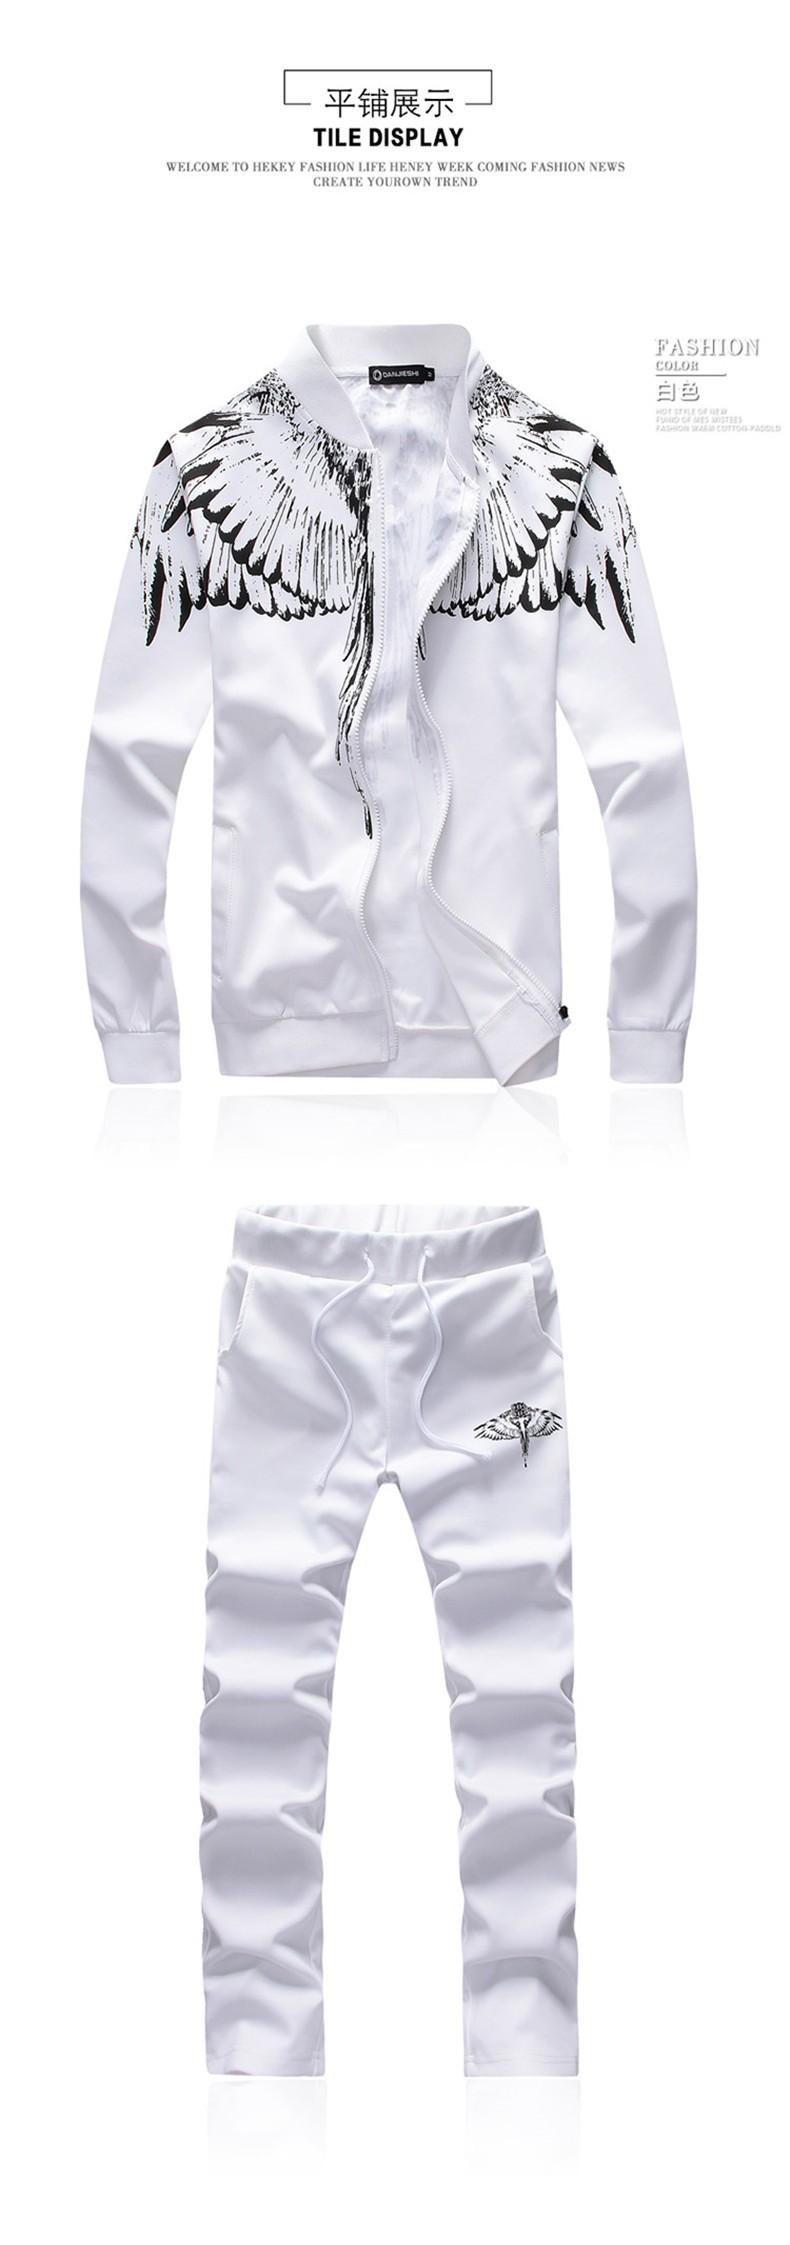 Marka-Odzież Dres Dorywczo SportSuit Męskie Odzieży Męskiej Mody Wiosna/Jesień Bluzy/Bluzy Żakiet + Spodnie Dres Polo 2016 3